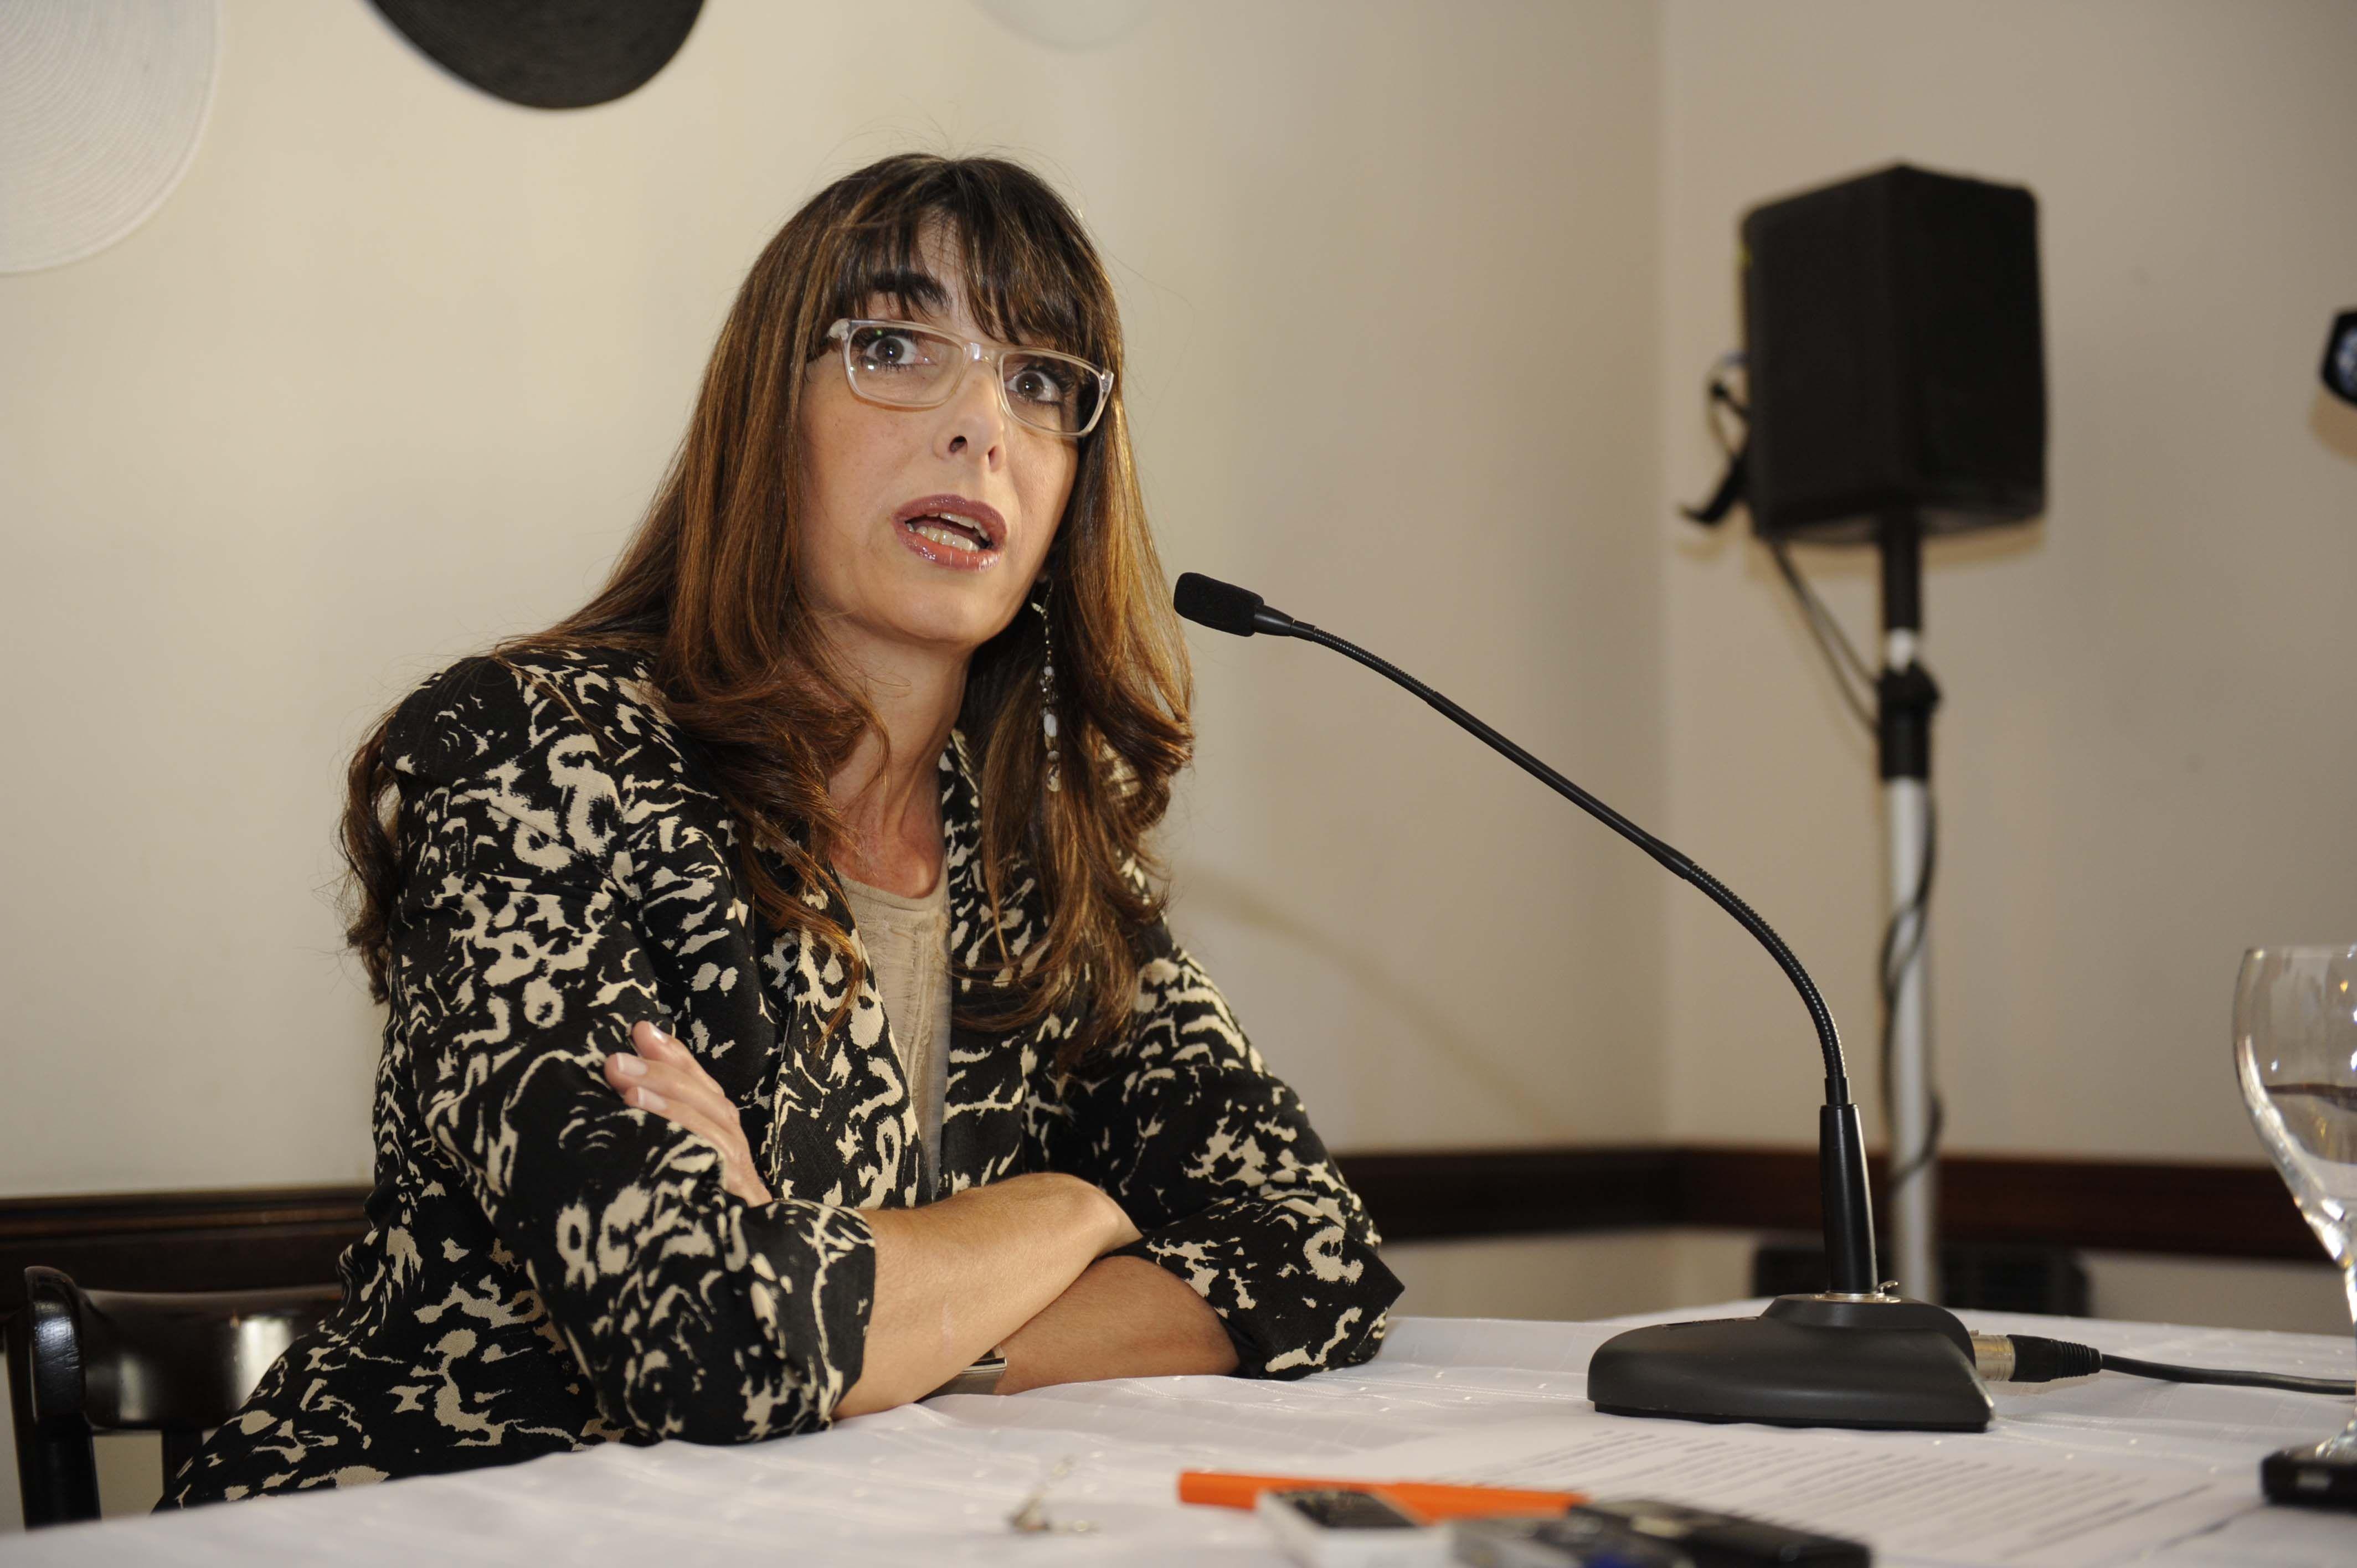 María Eugenia Bielsa participó del Encuentro Nacional Repensando la Política organizado por la Comisión de Pastoral del Episcopado.